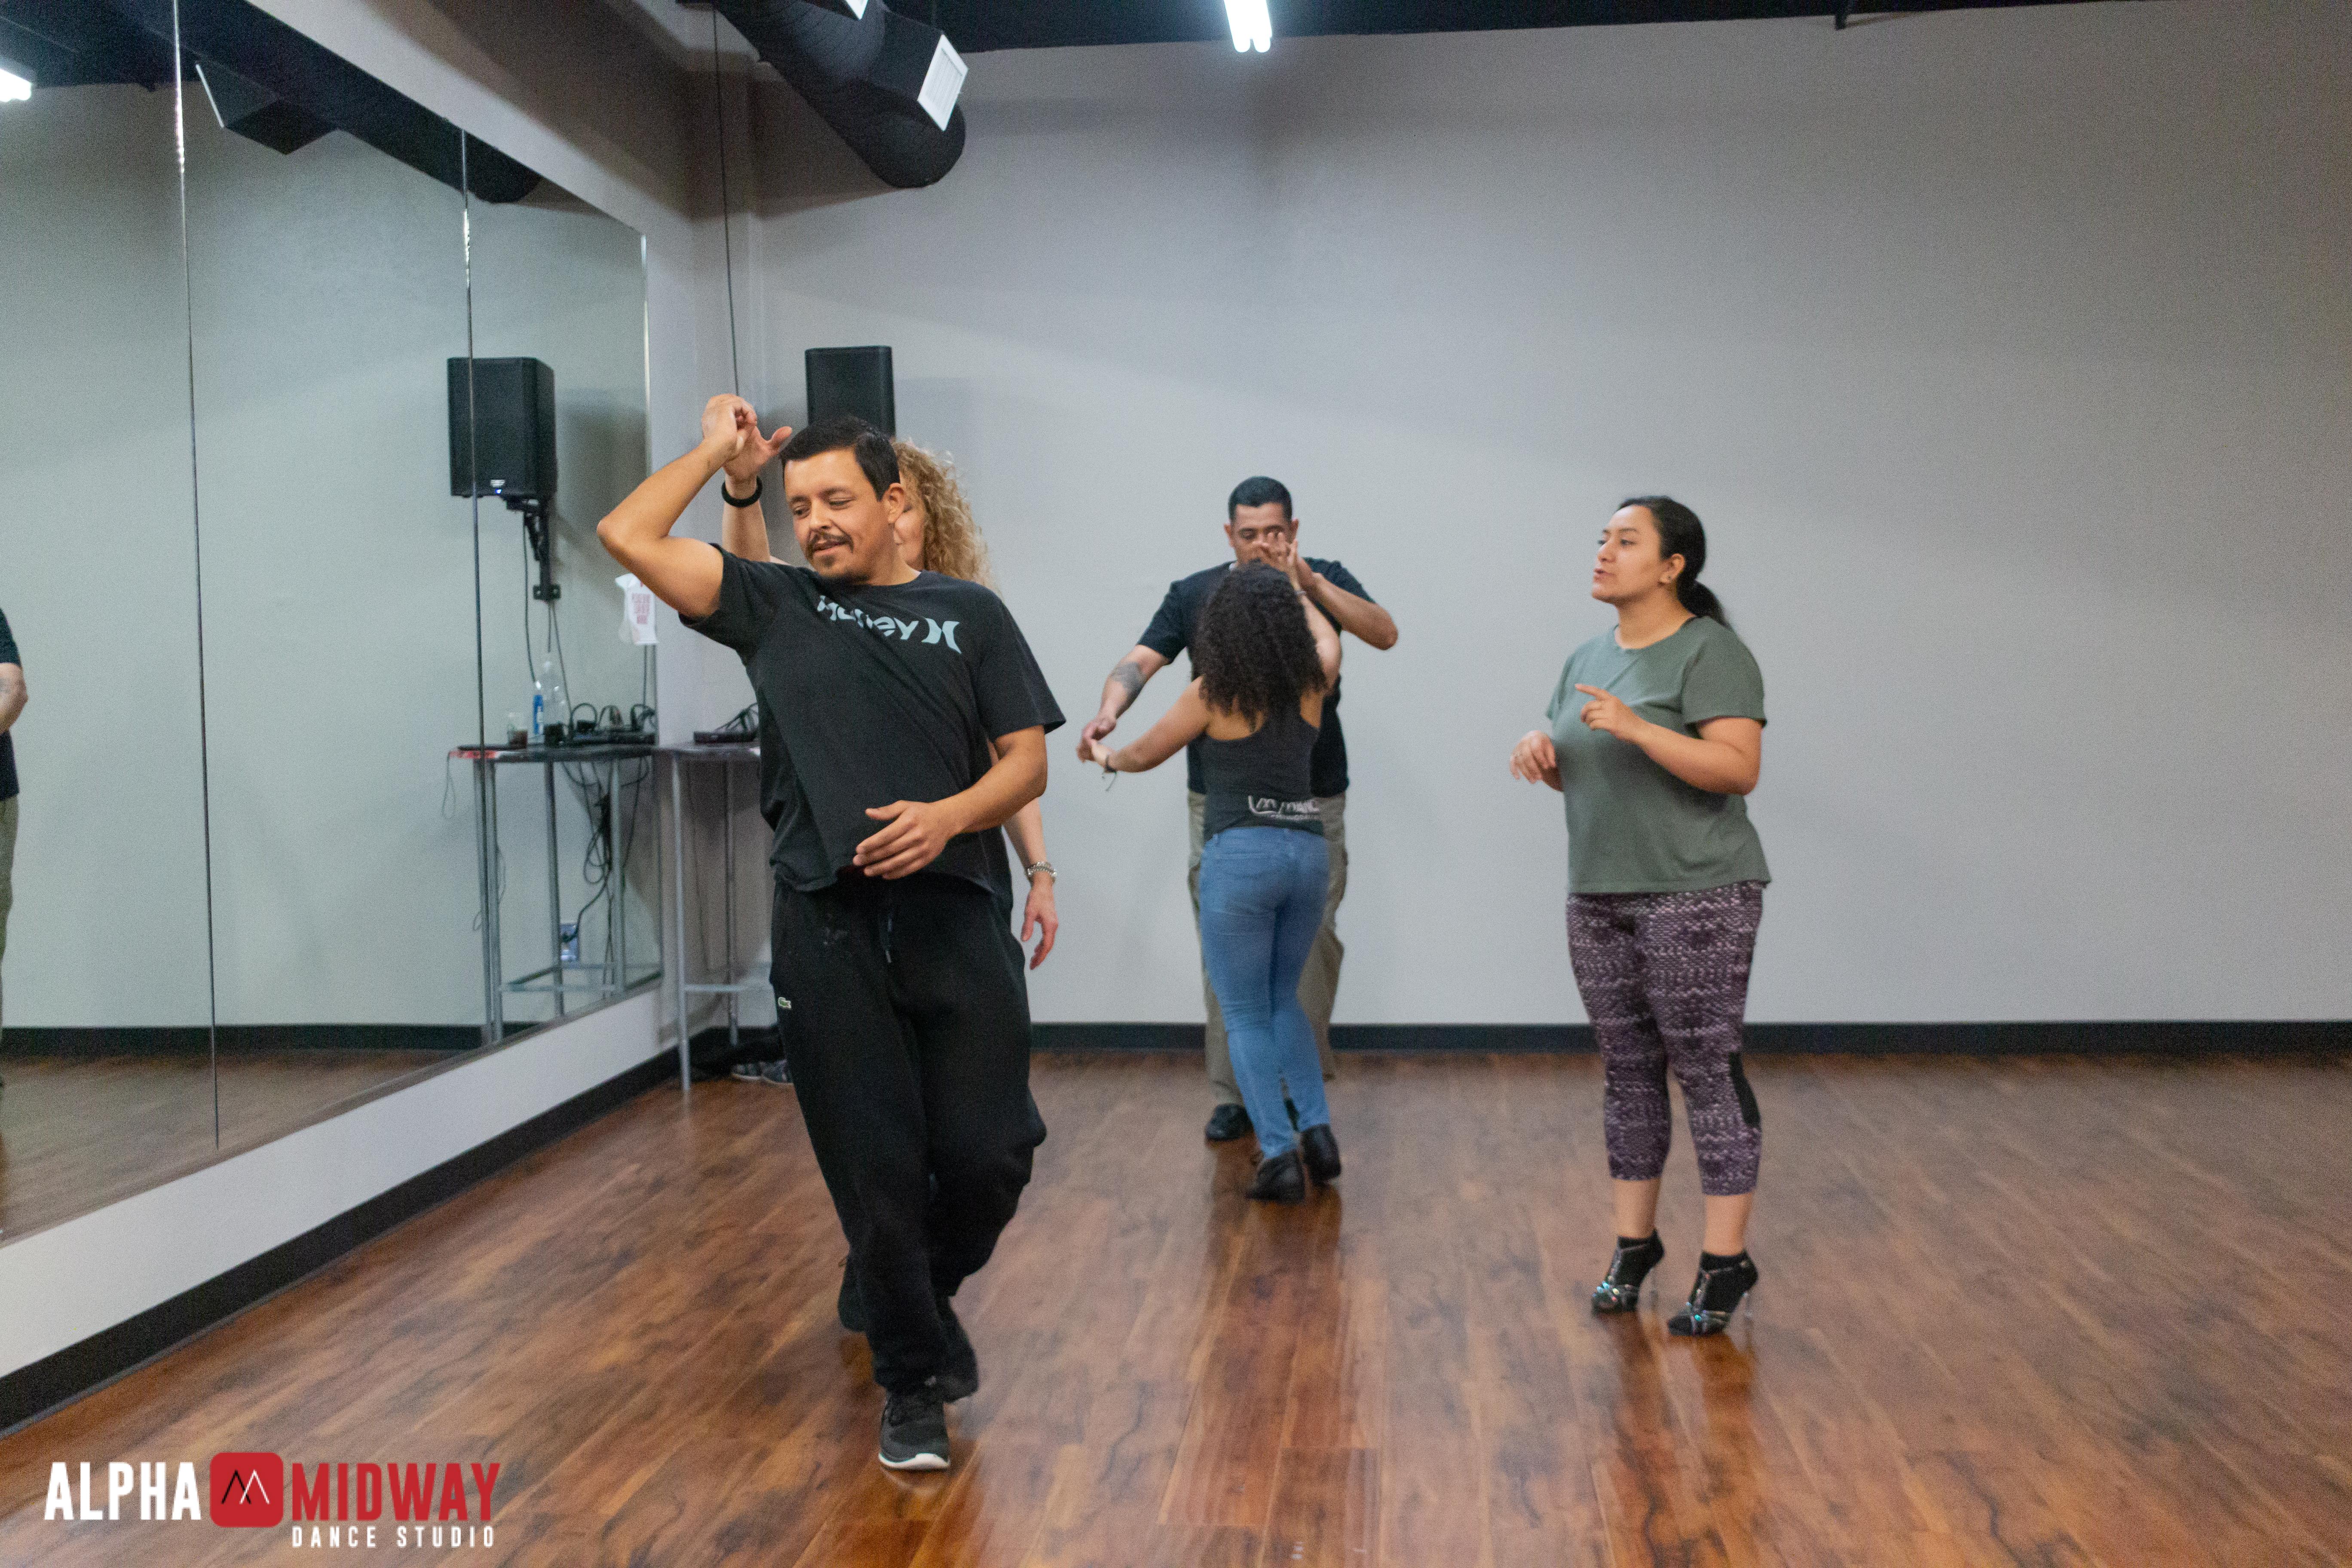 alpha-midway-dance-studio-arlington-salsa-and-bachata-27